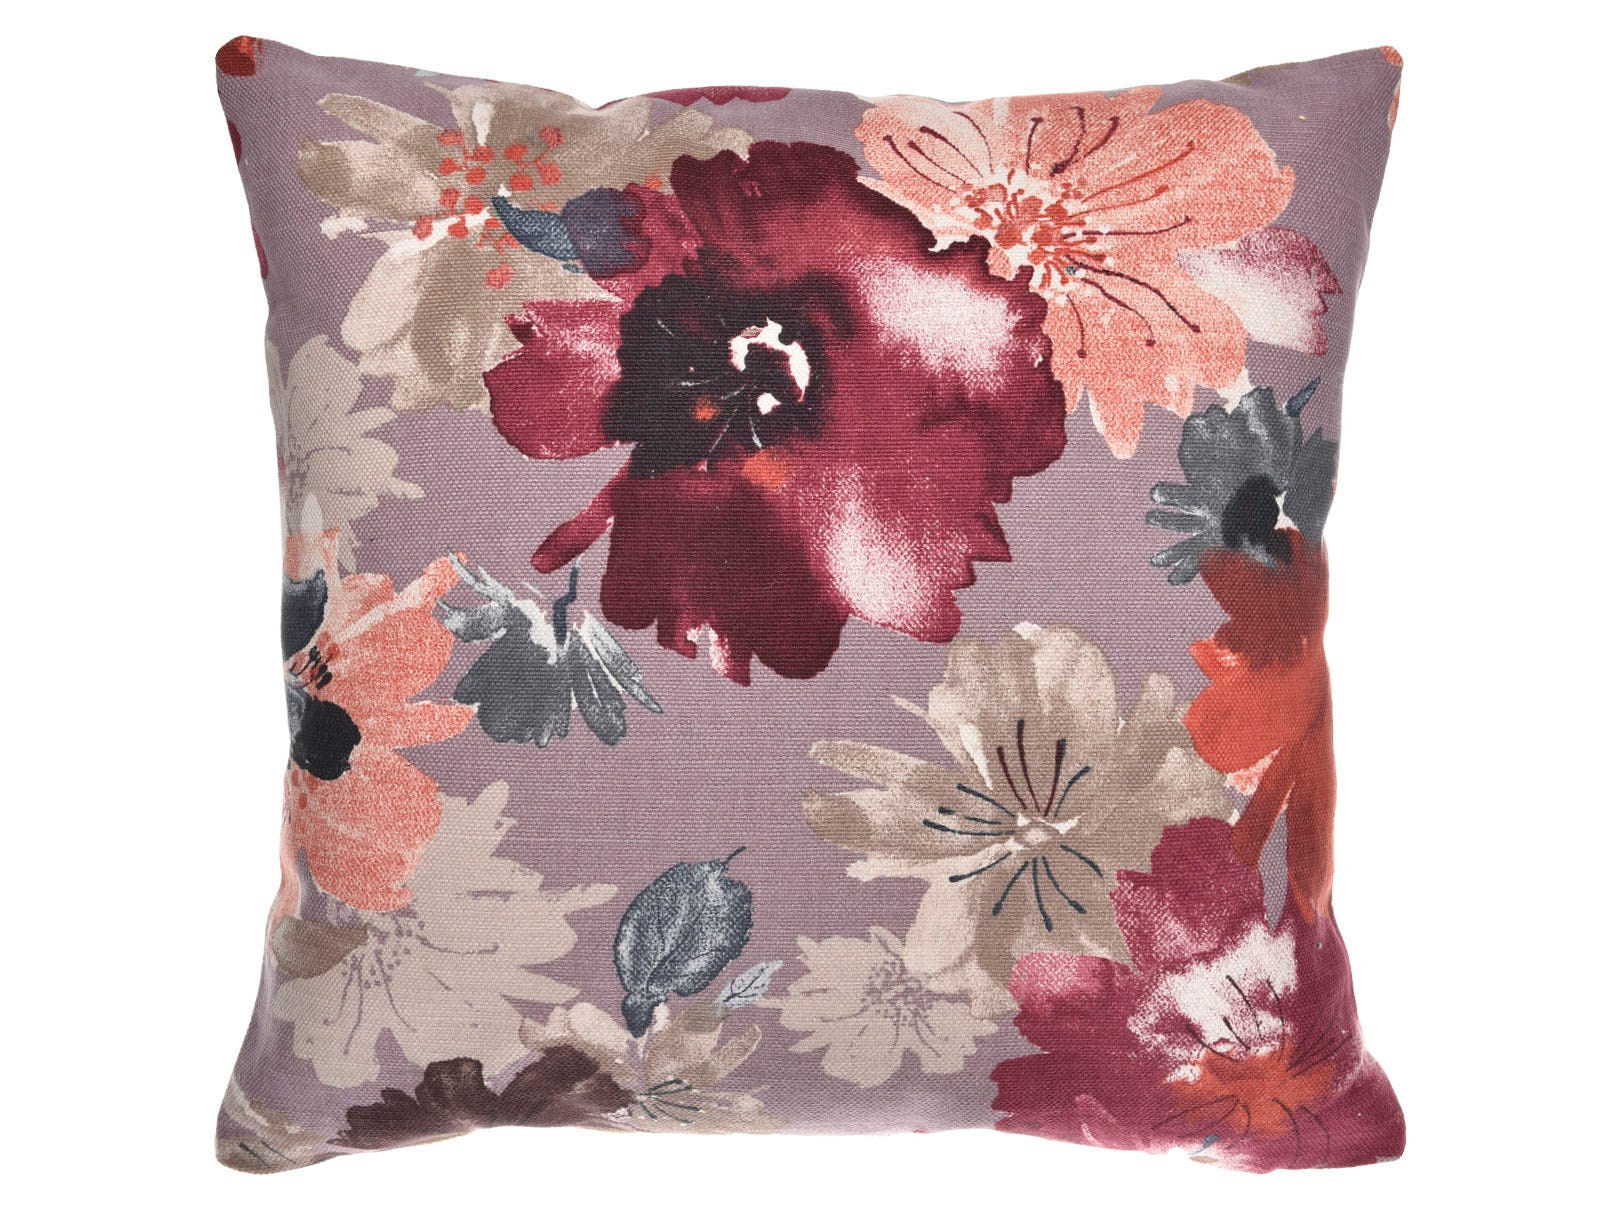 Cojín decorativo de poliéster Saratoga con tacto suave estampado floral multicolor